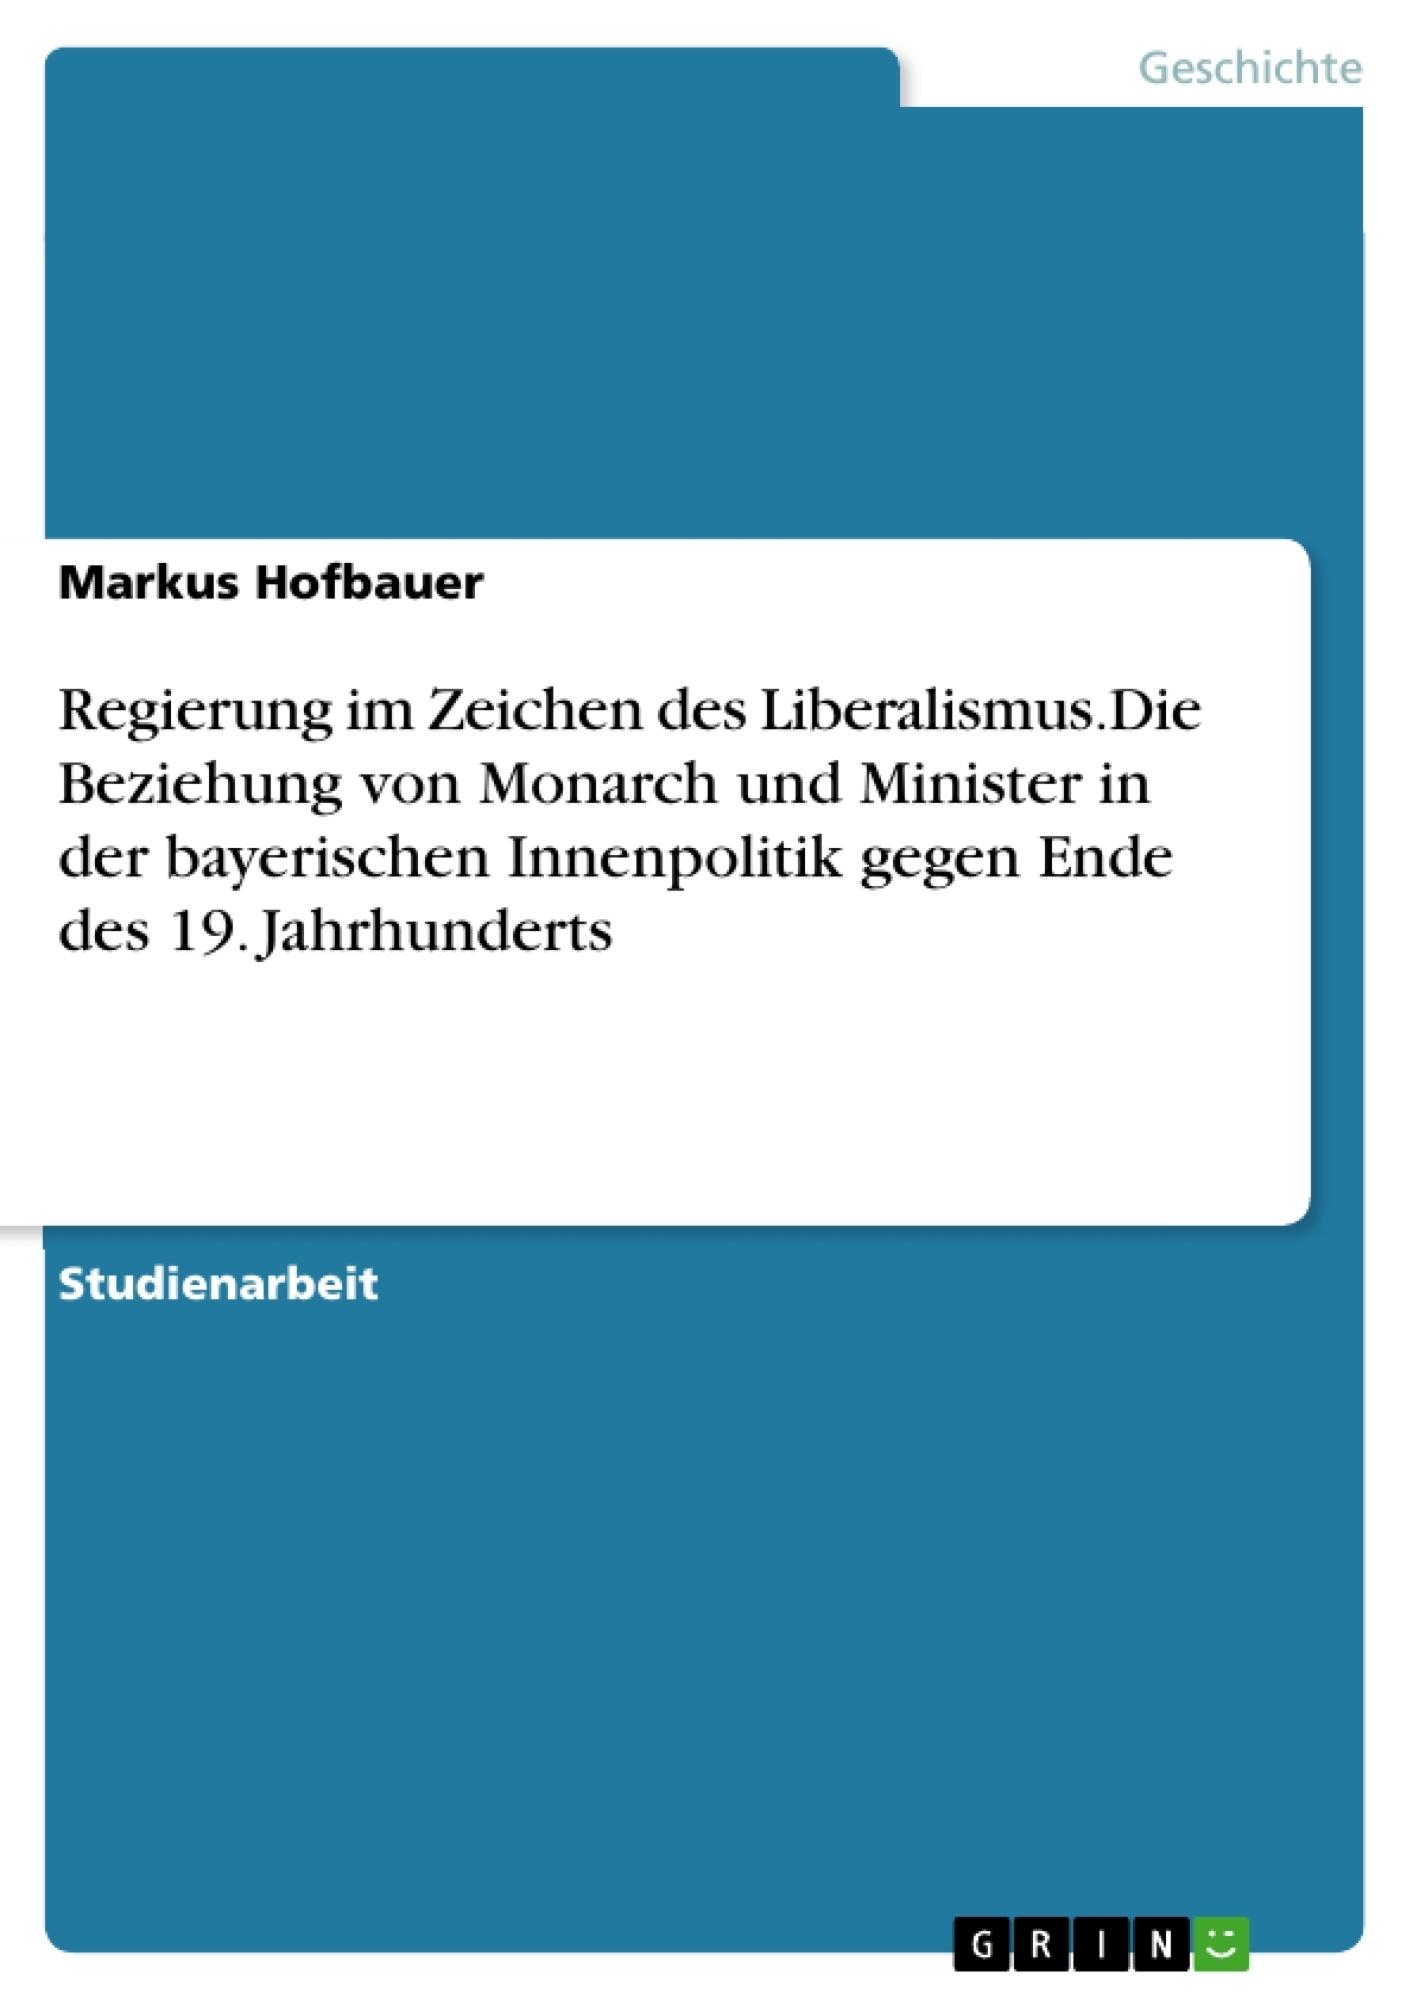 Titel: Regierung im Zeichen des Liberalismus.Die Beziehung von Monarch und Minister in der bayerischen Innenpolitik gegen Ende des 19. Jahrhunderts